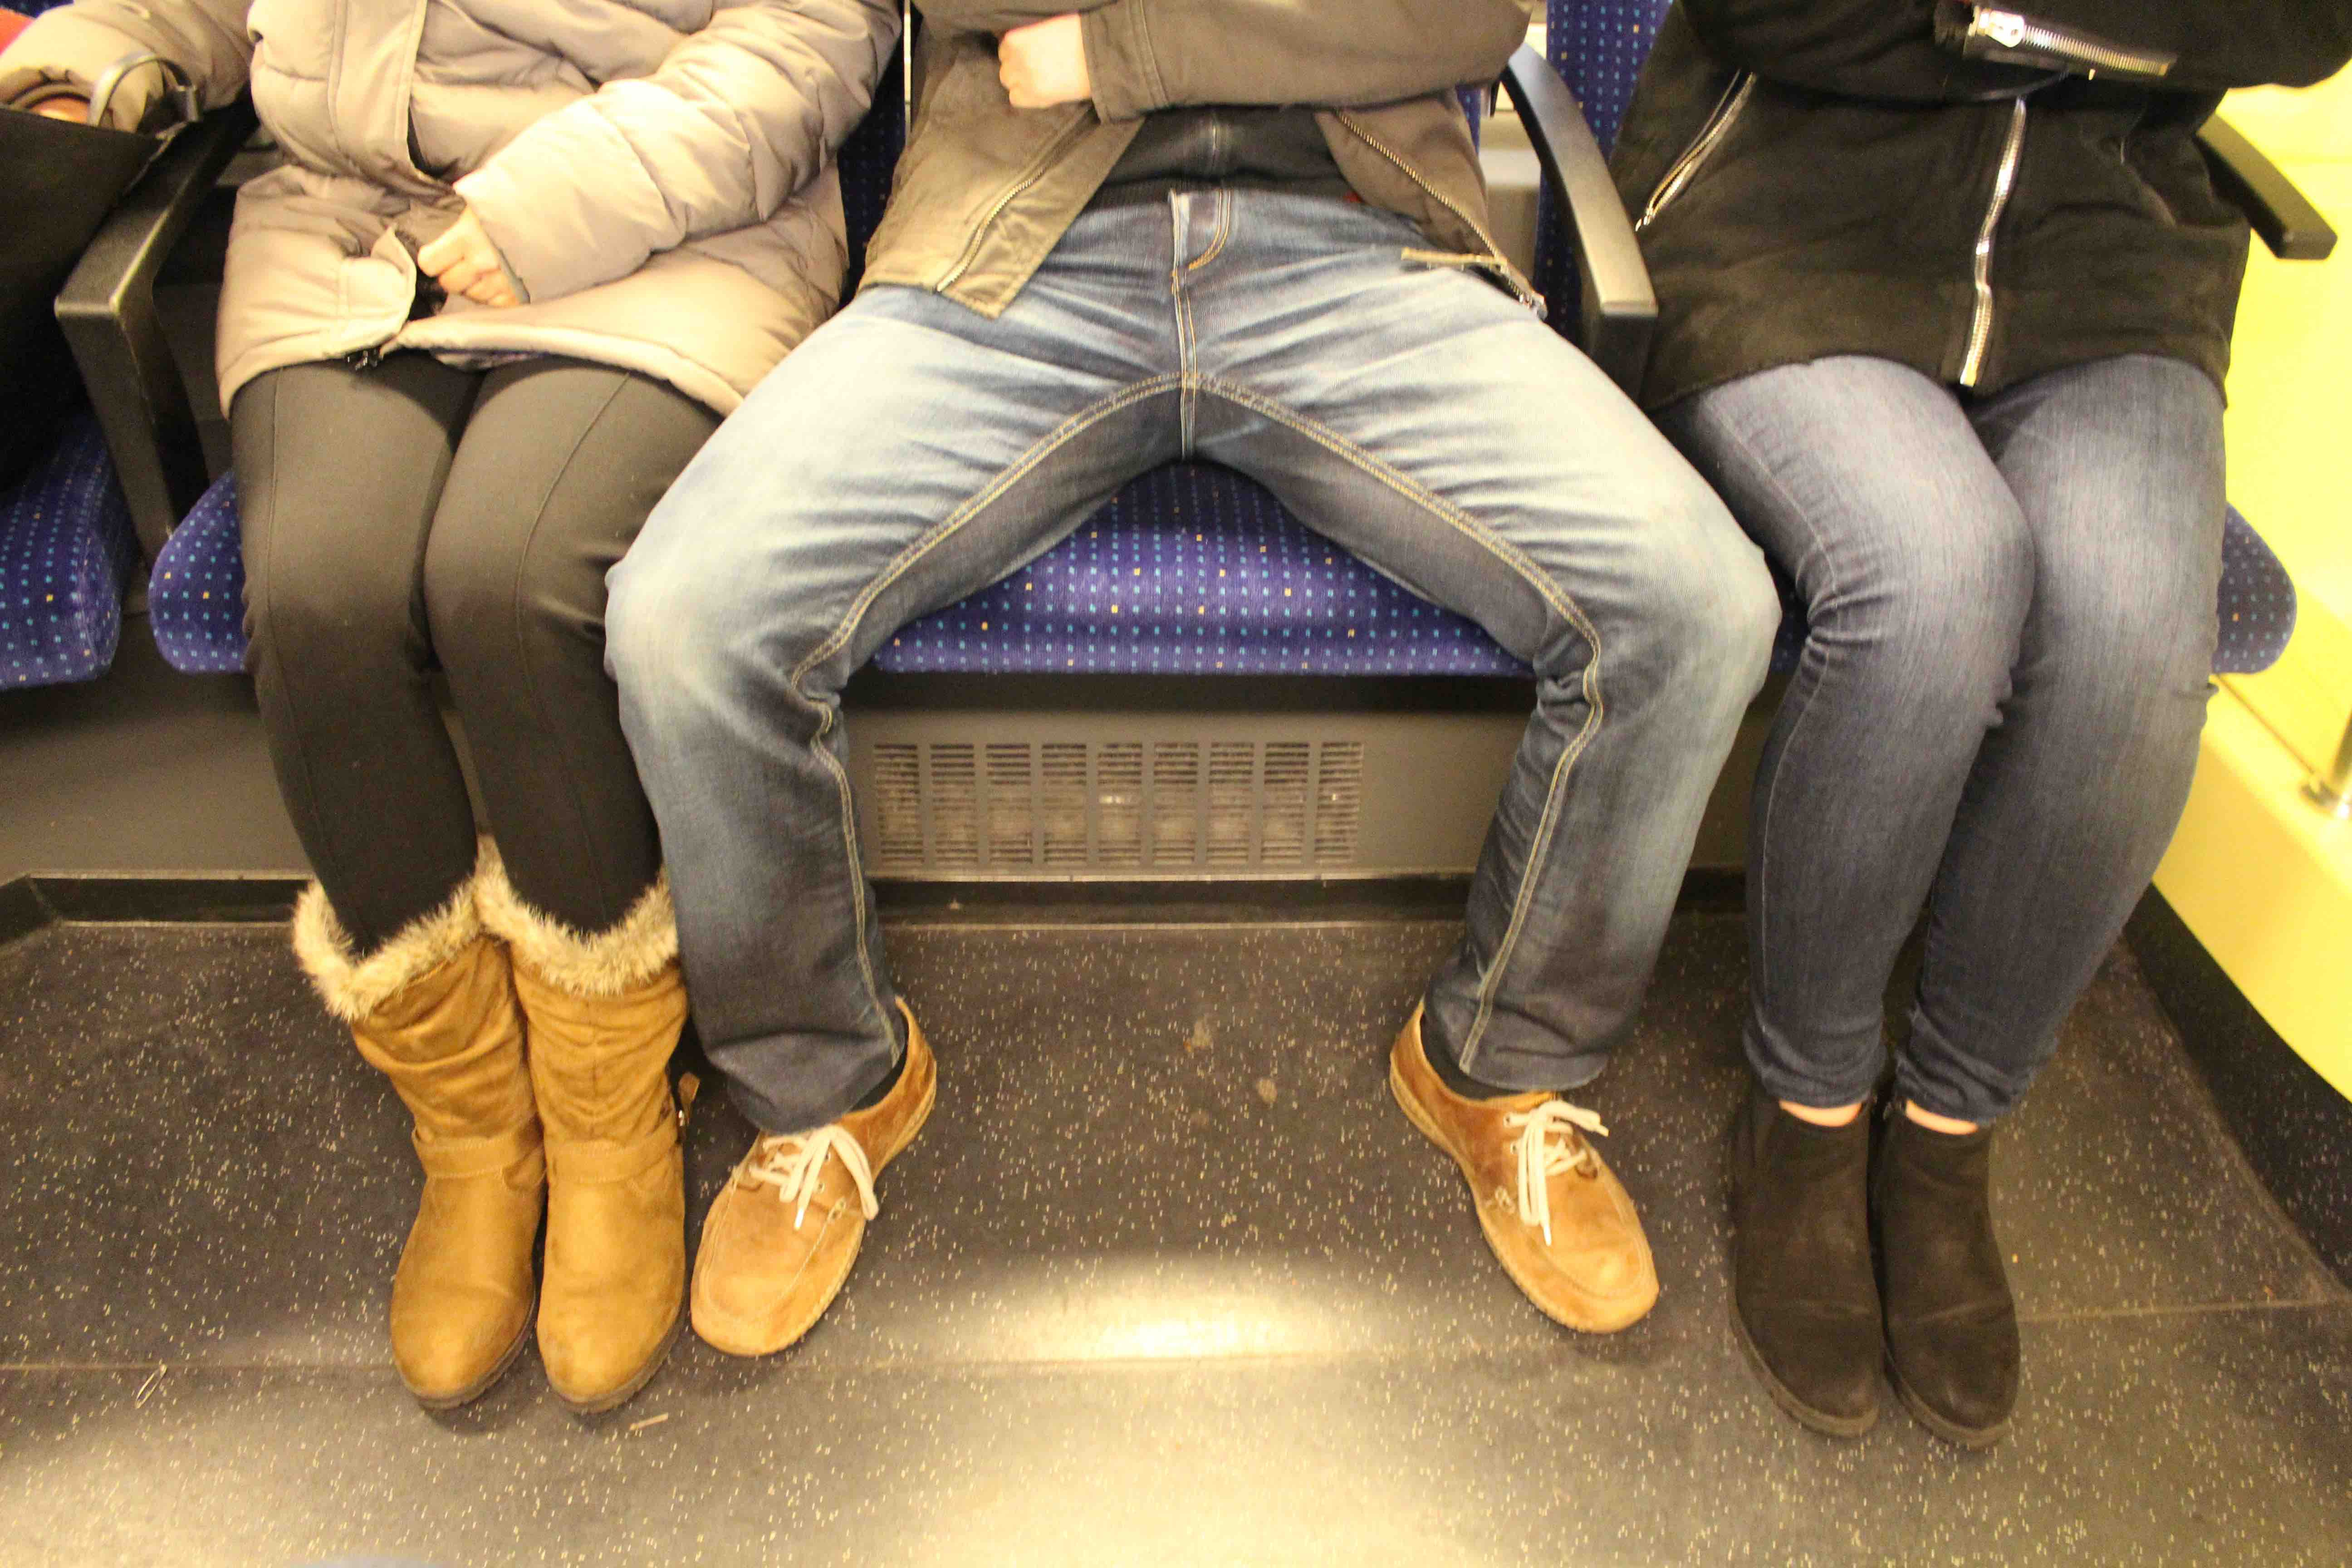 Warum flirten männer mit anderen frauen Psychologie: Ernsthafte Absichten verraten sich in Sekunden - WELT